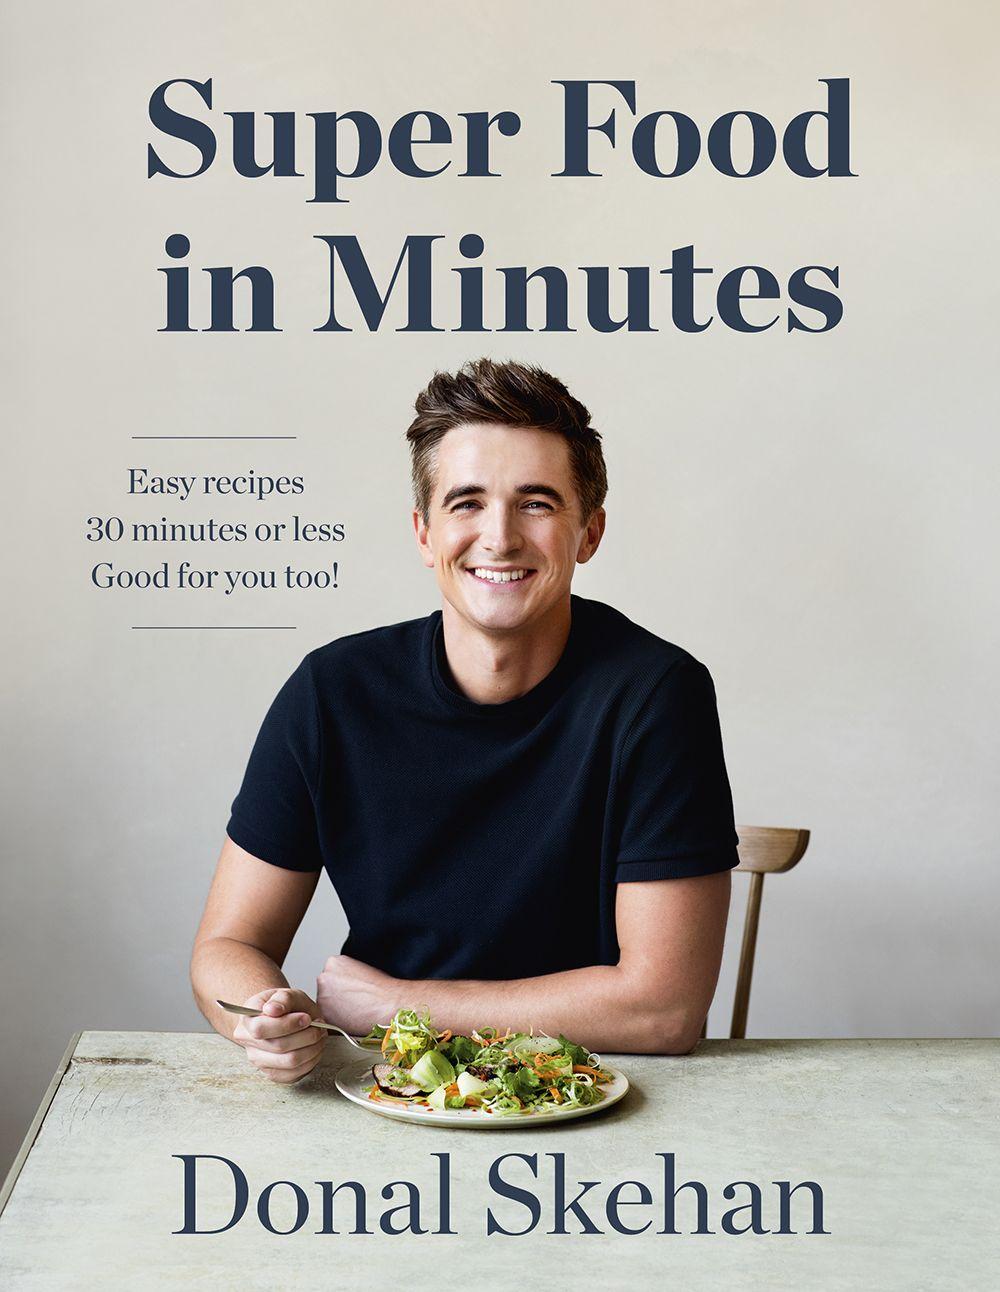 Donal Skehan's Super Food In Minutes.